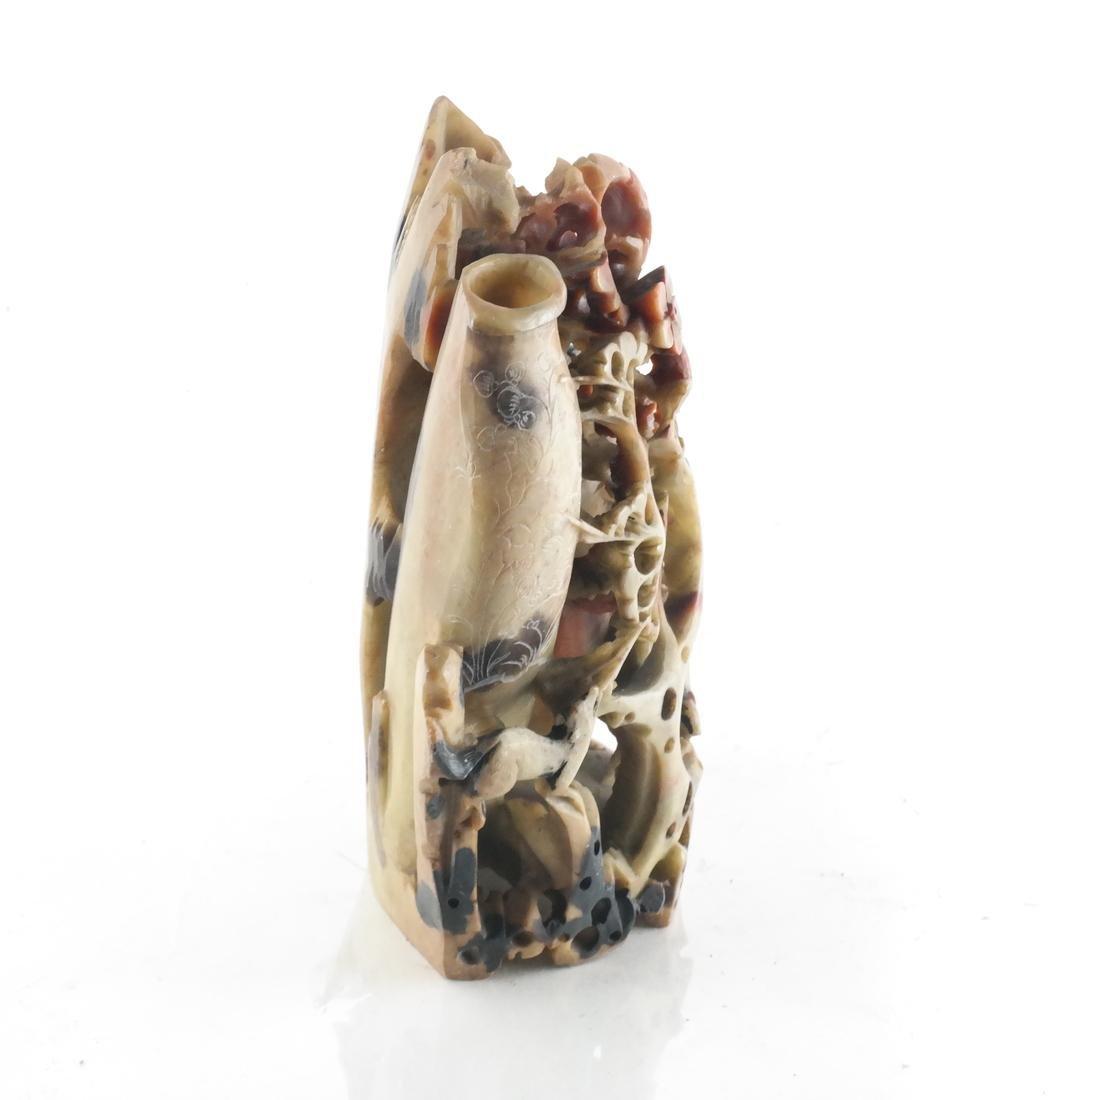 Chinese Ornate Hardstone Vase - 4